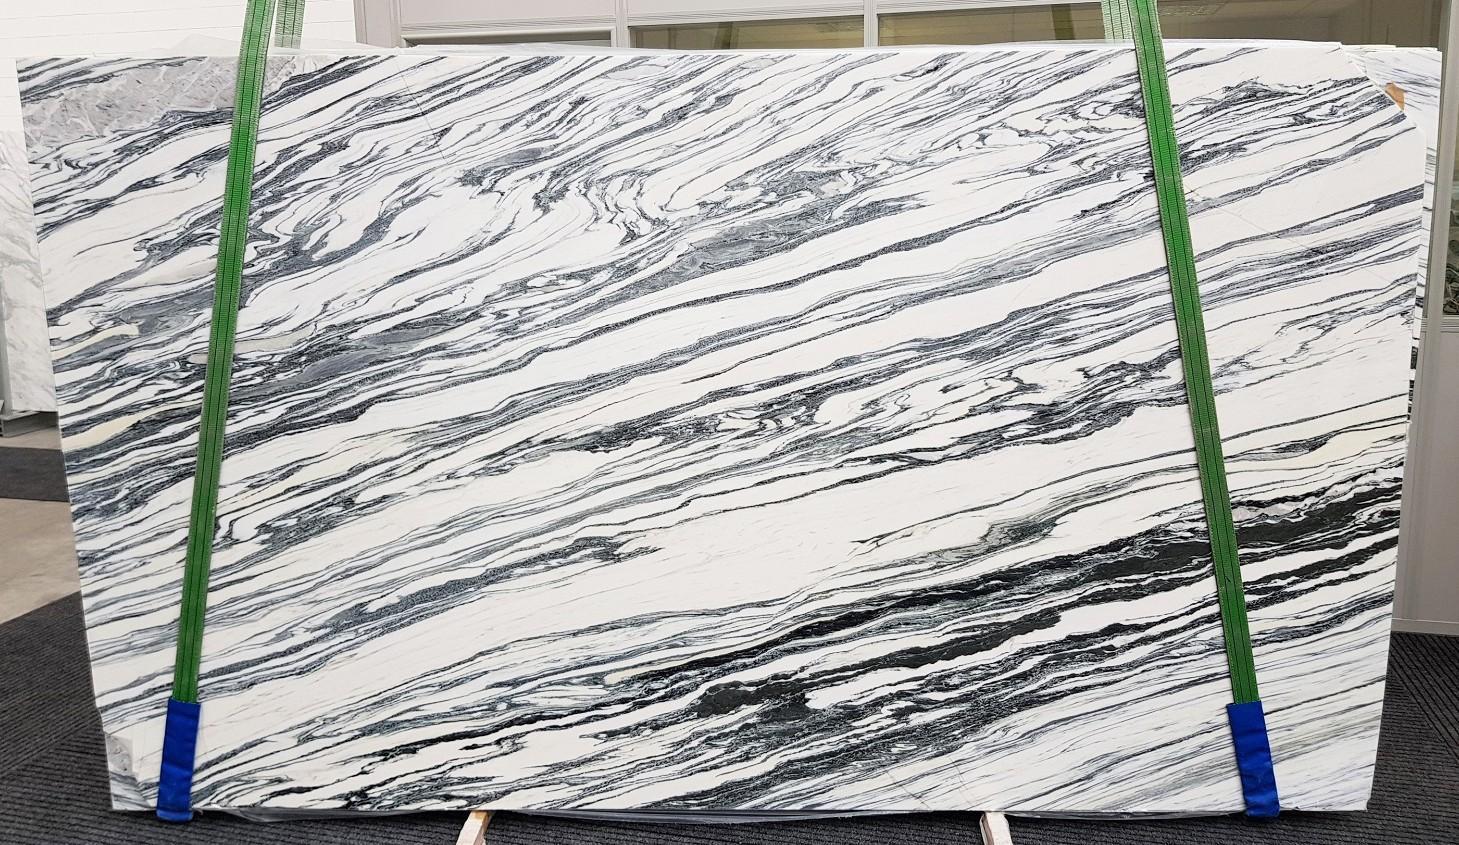 FANTASTICO ARNI VENATO Suministro (Italia) de planchas pulidas en mármol natural 1058 , Slab #17